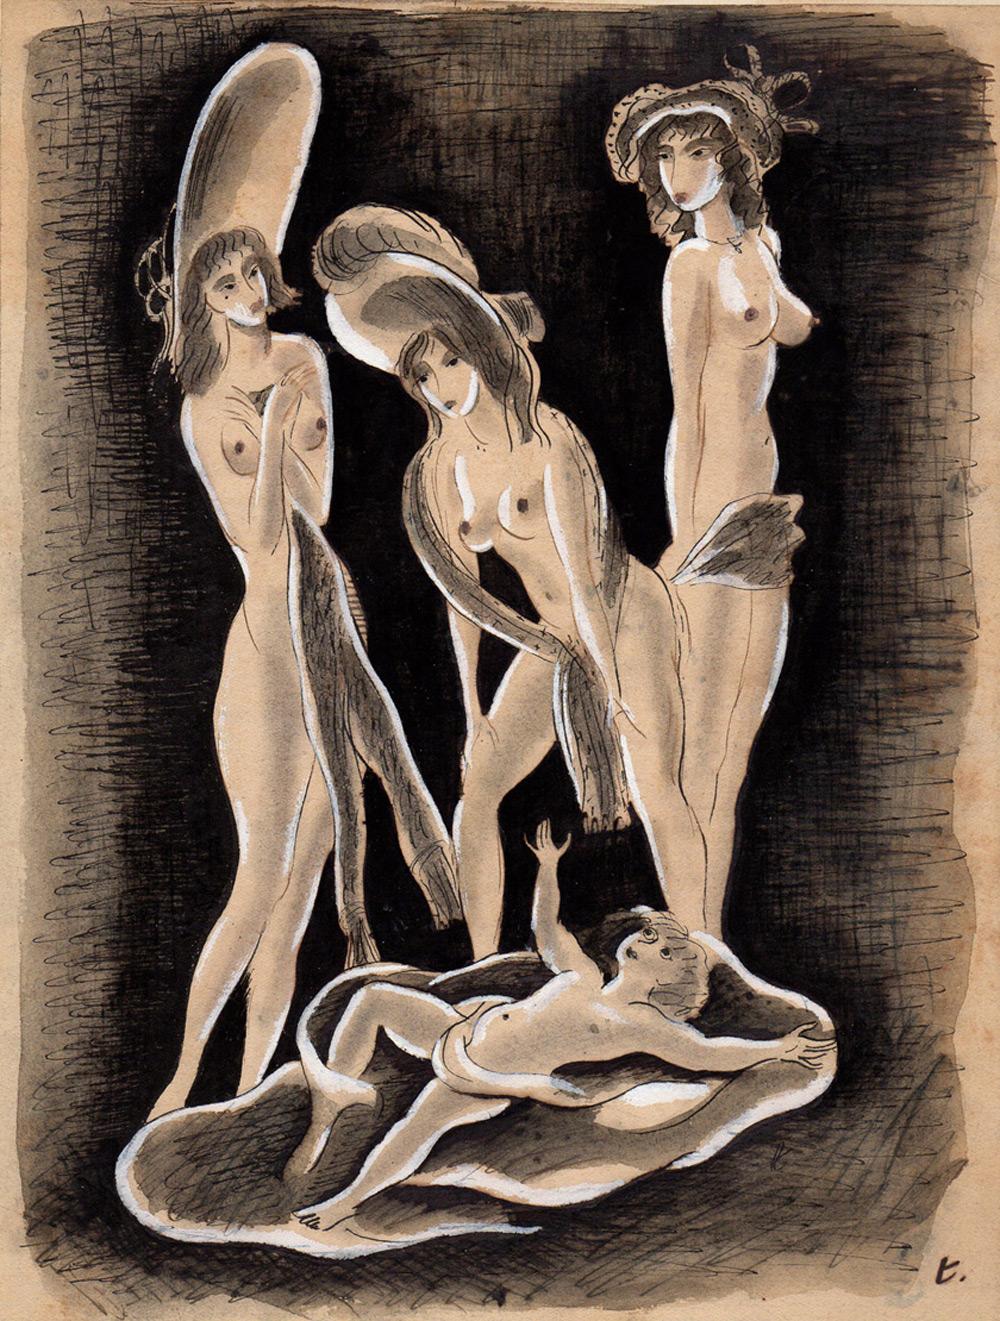 Les trois graces | Touchagues | Les trois graces